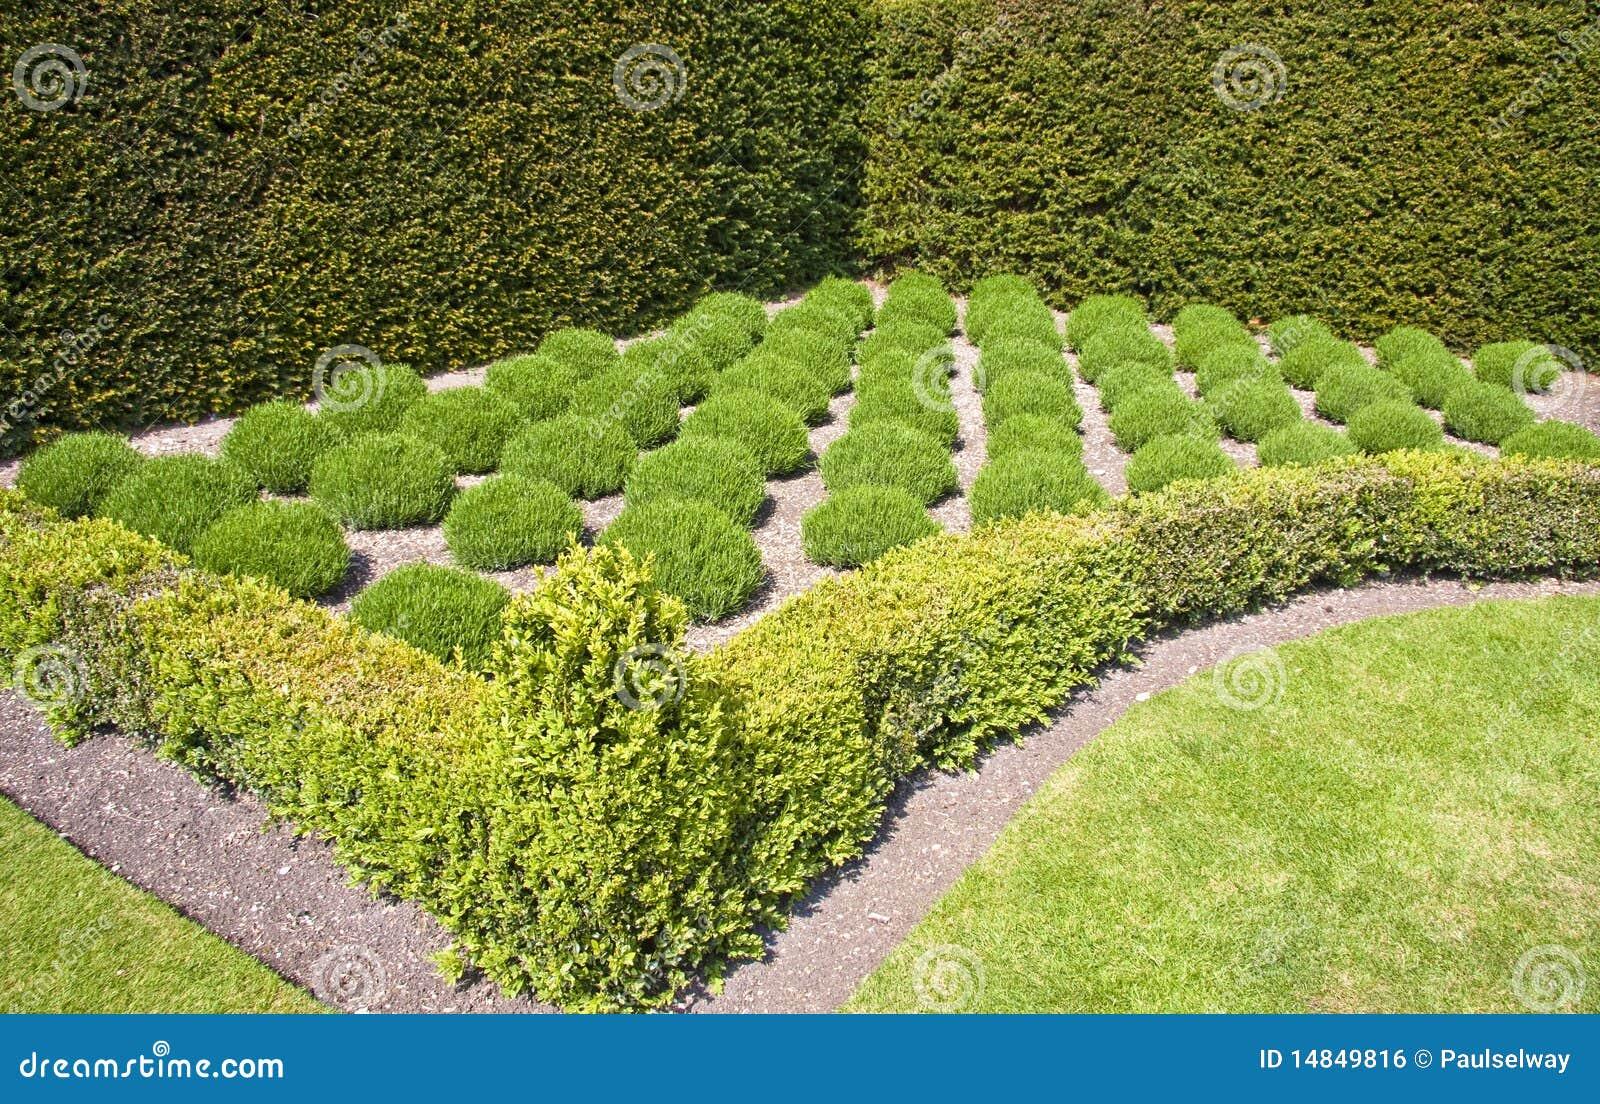 Jard n de hierba formal de la lavanda imagen de archivo for Hierba jardin